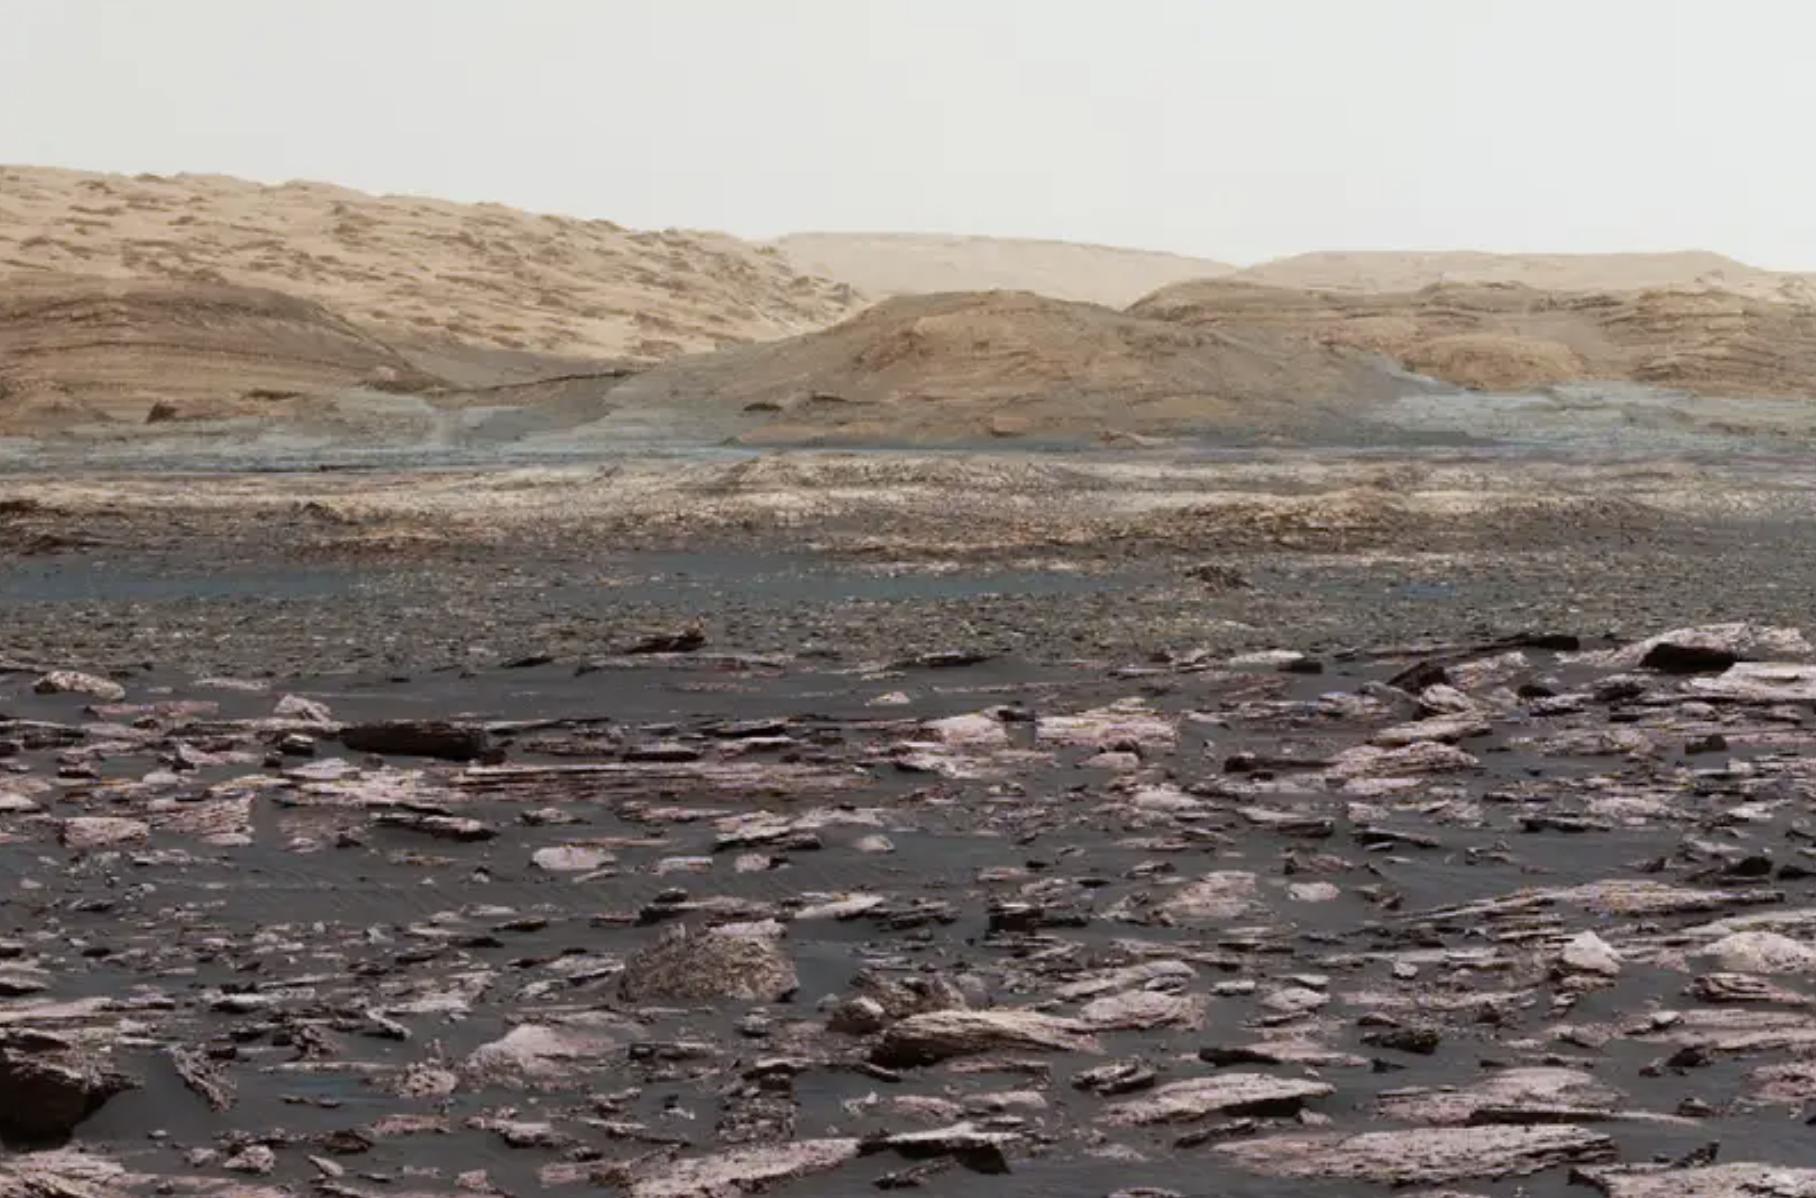 Los desaparecidos océanos de Marte estarían ocultos bajo la superficie